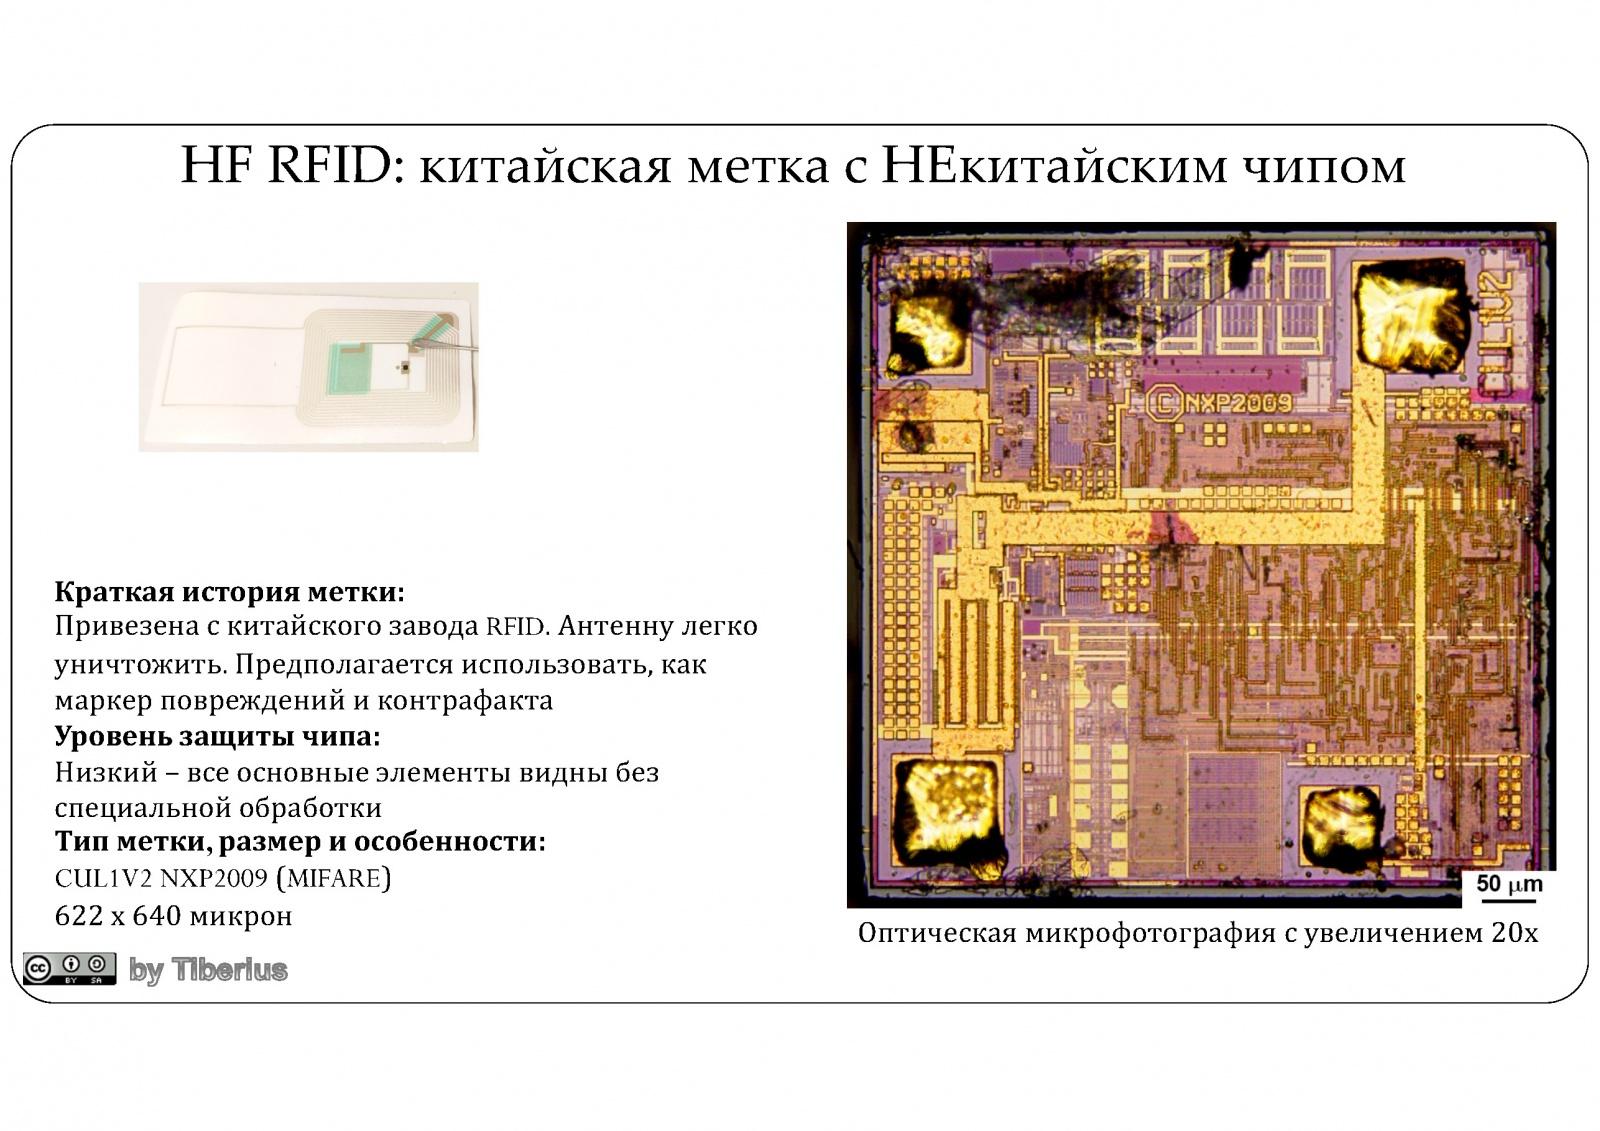 Взгляд изнутри: RFID в современном мире. Часть 2: китайские RFID - 2